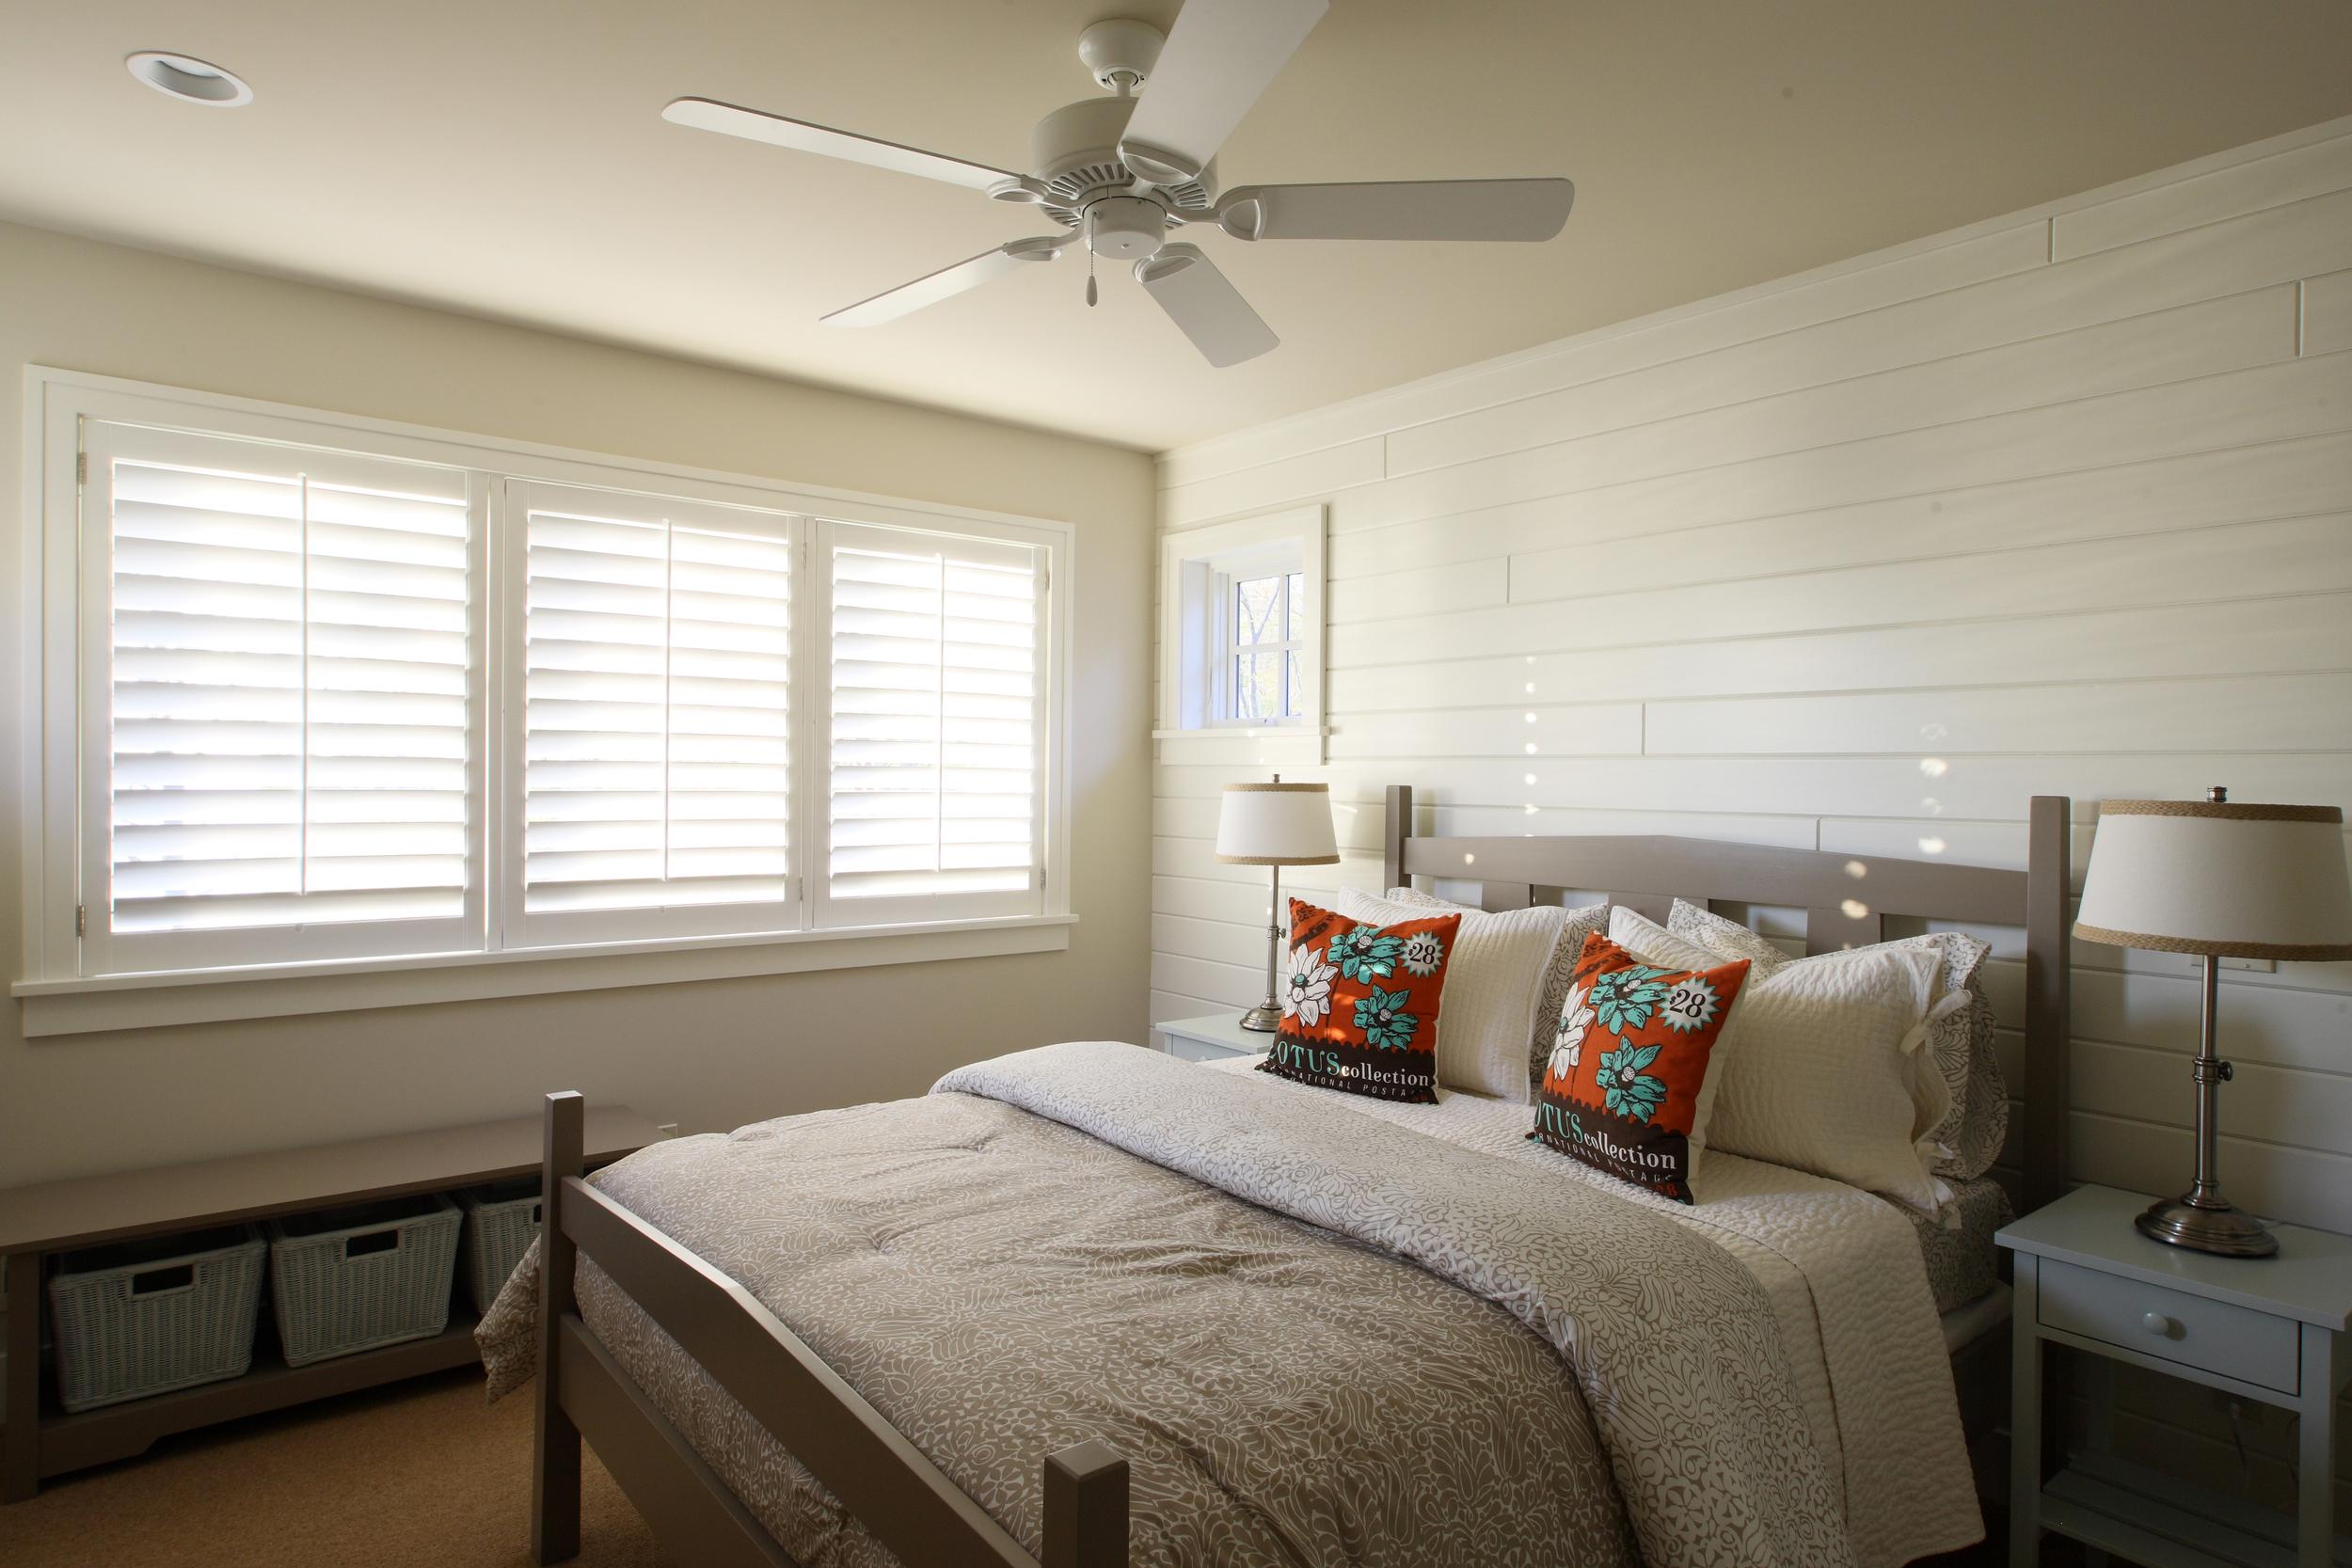 Bedroom_Design Home 1112.jpg